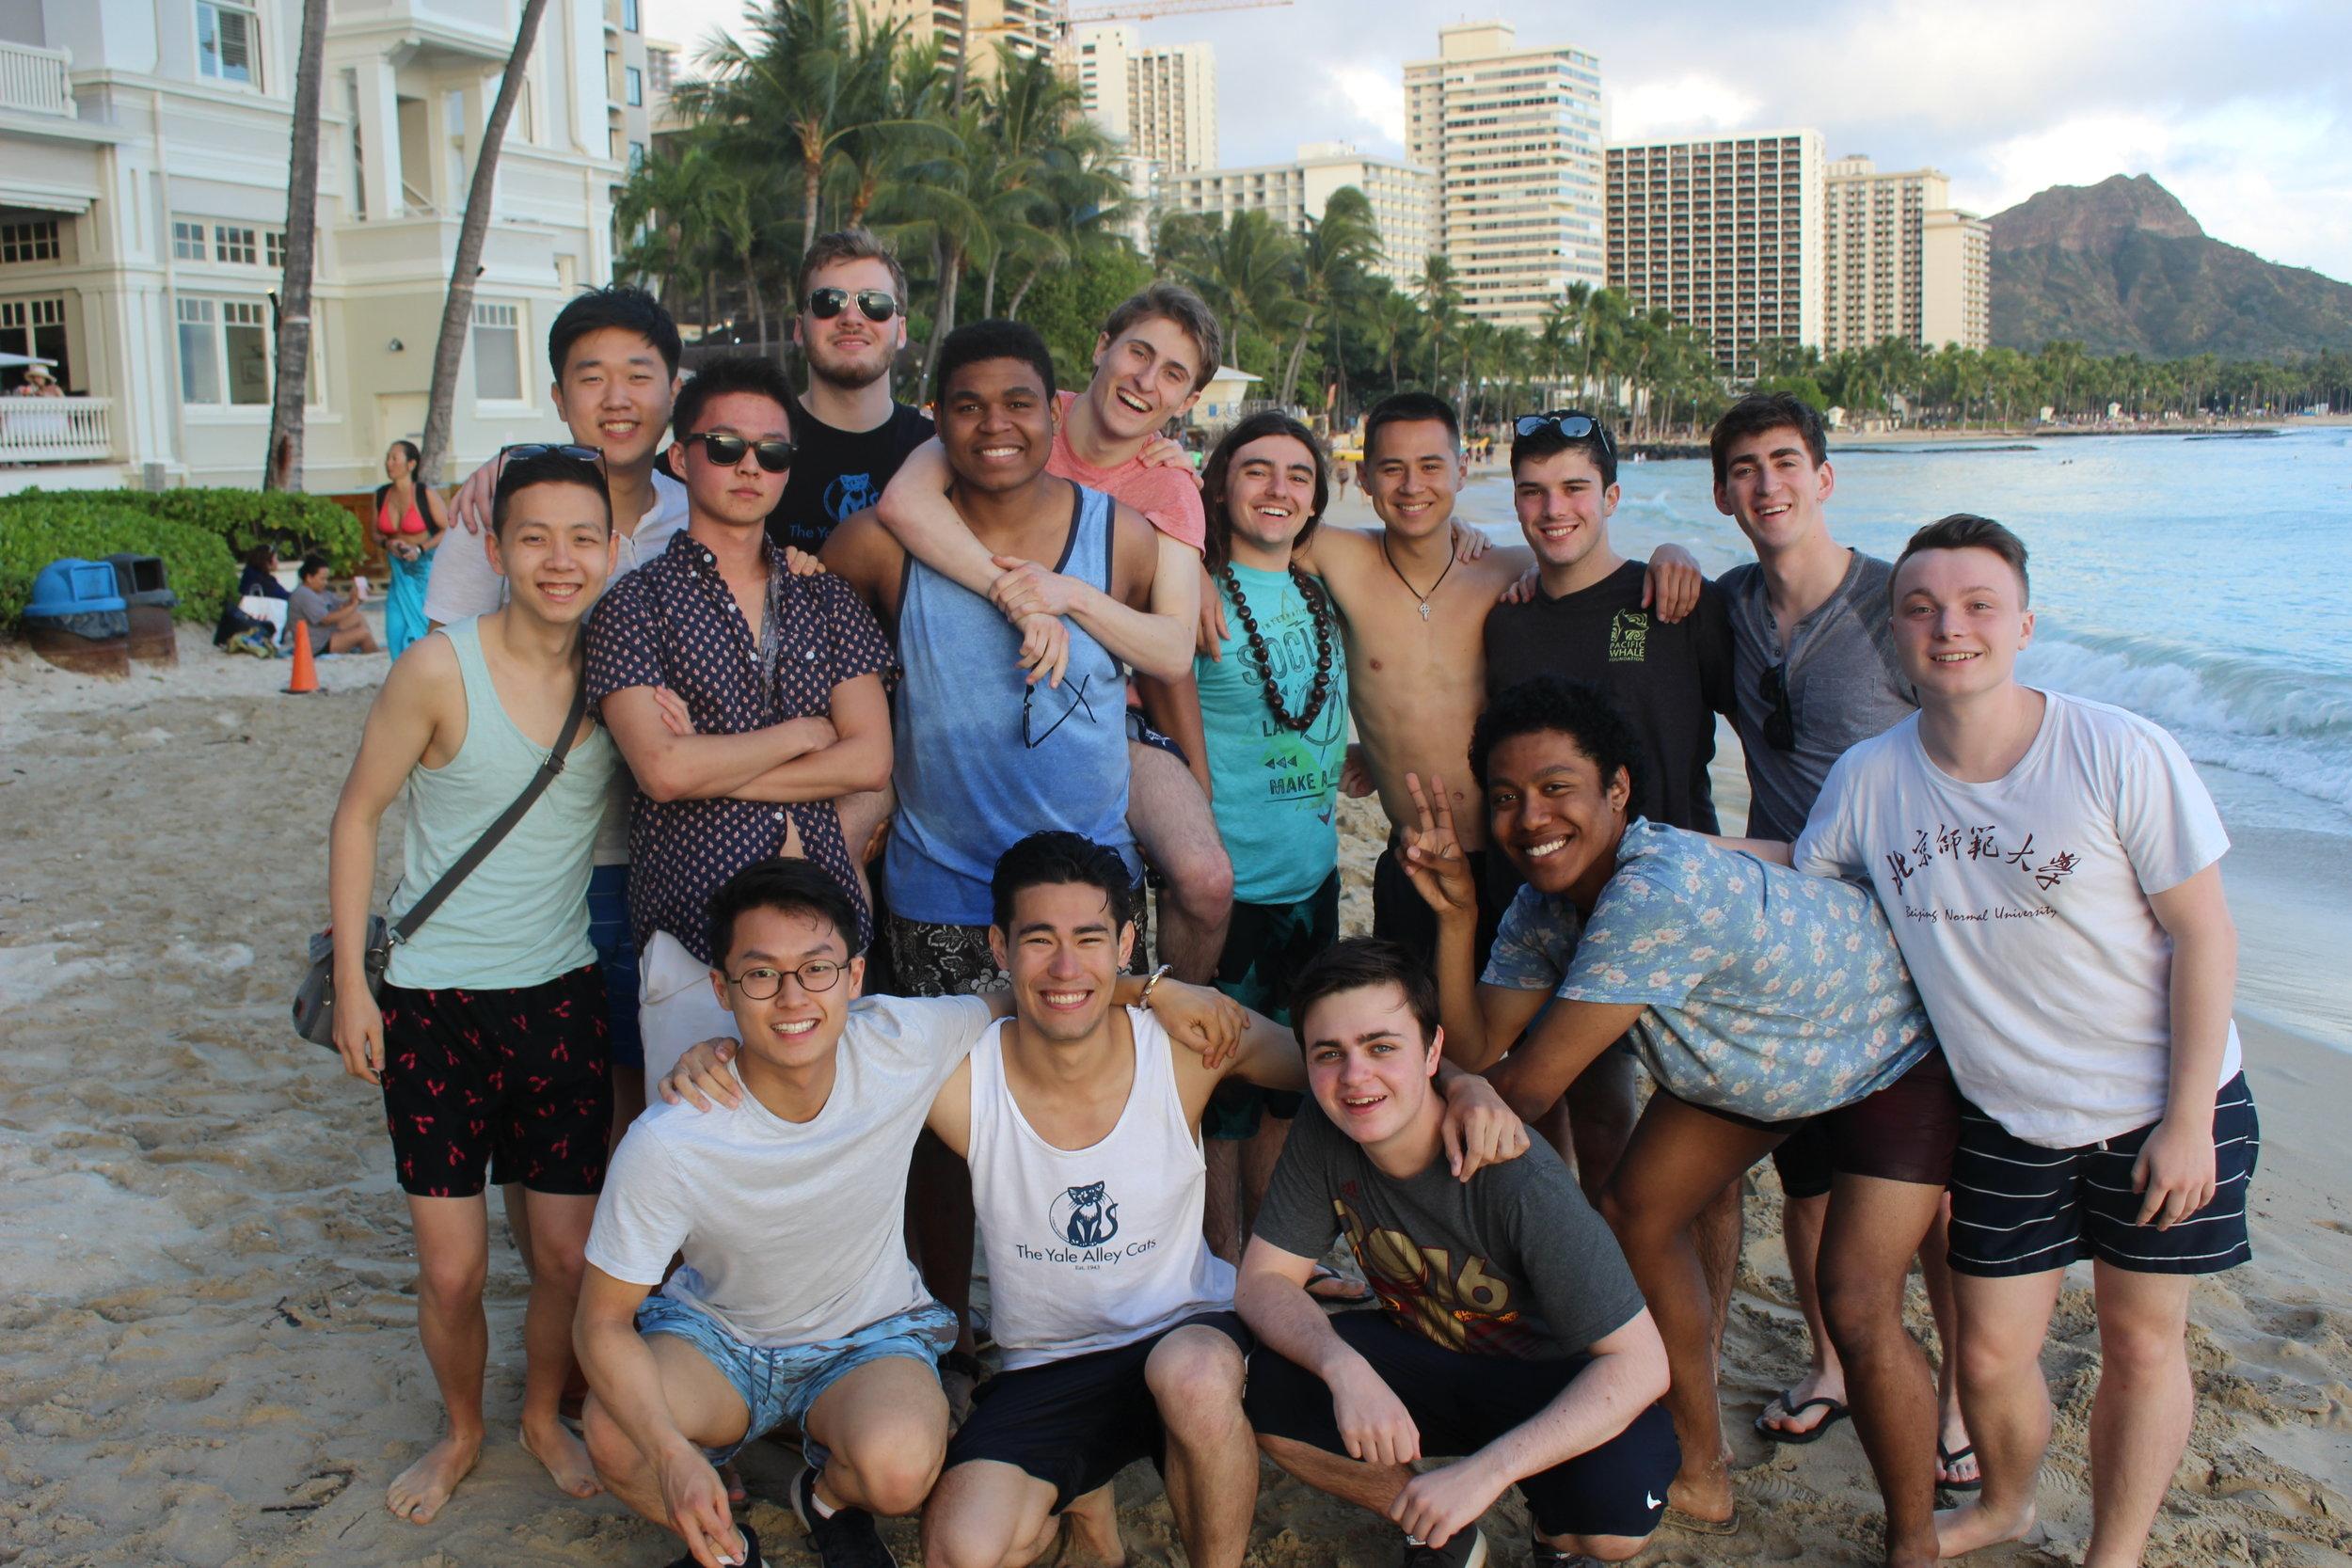 Group photo on Waikiki Beach in Honolulu